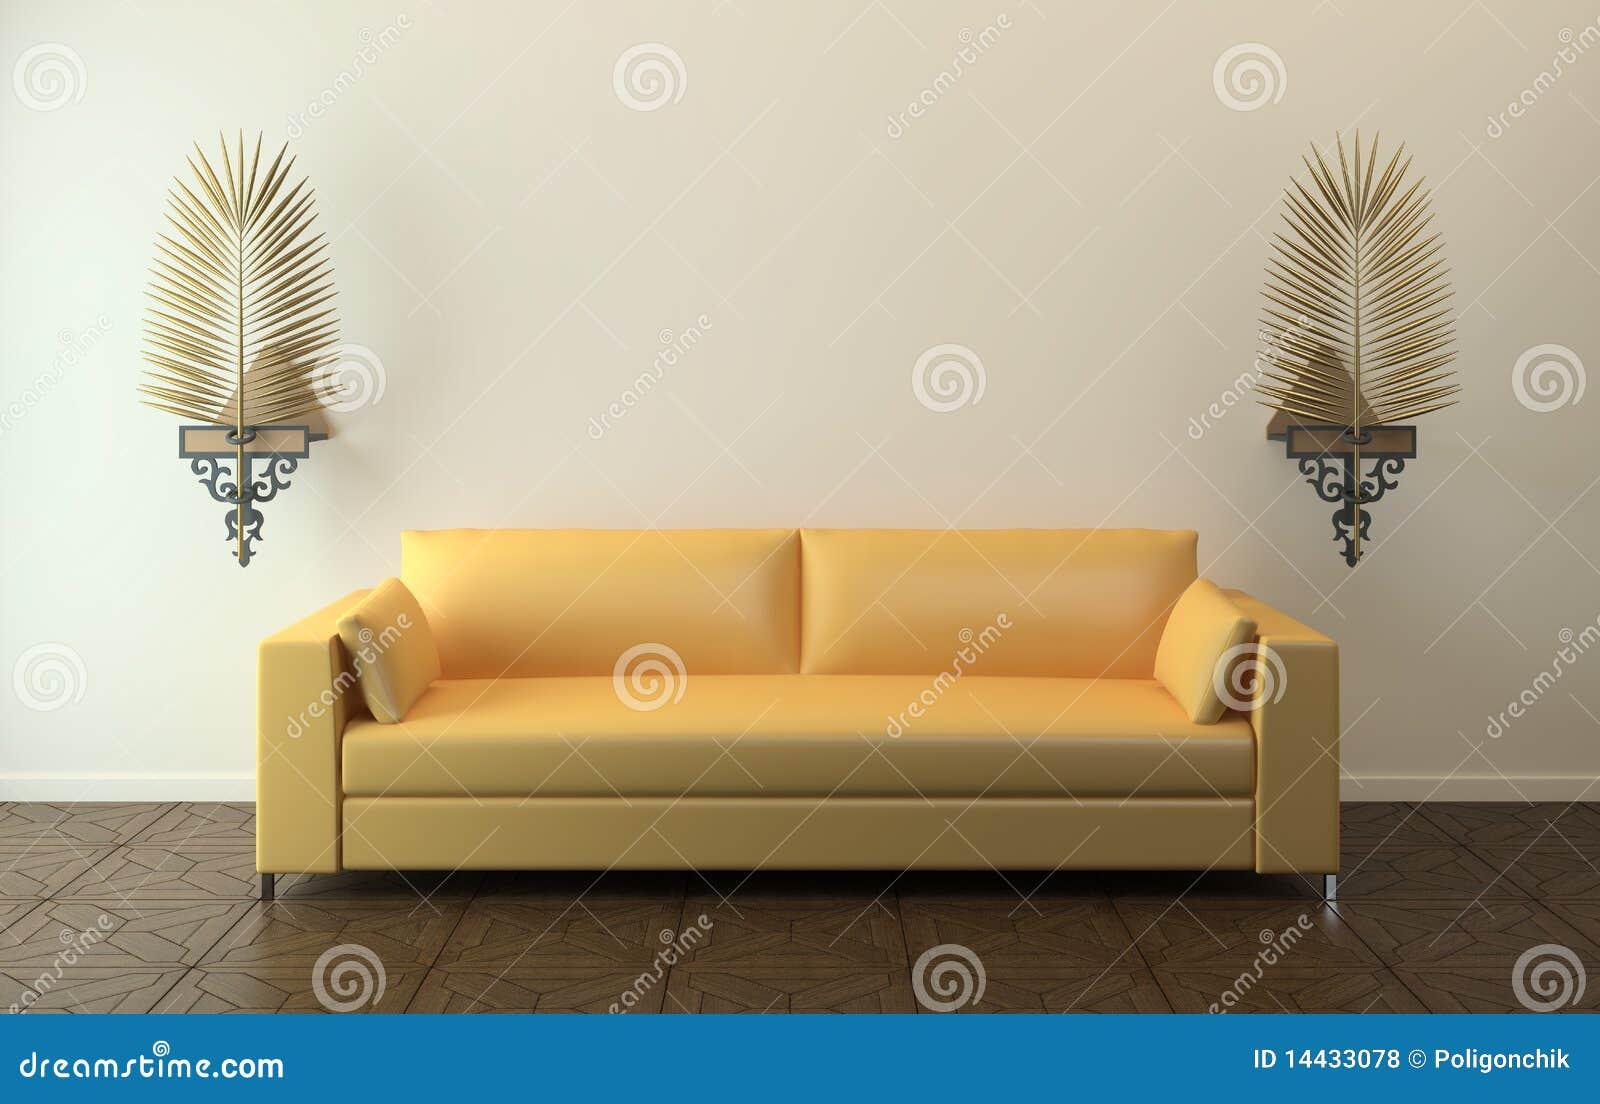 Moderne gelbe couch lizenzfreie stockfotos bild 14433078 - Gelbe couch ...